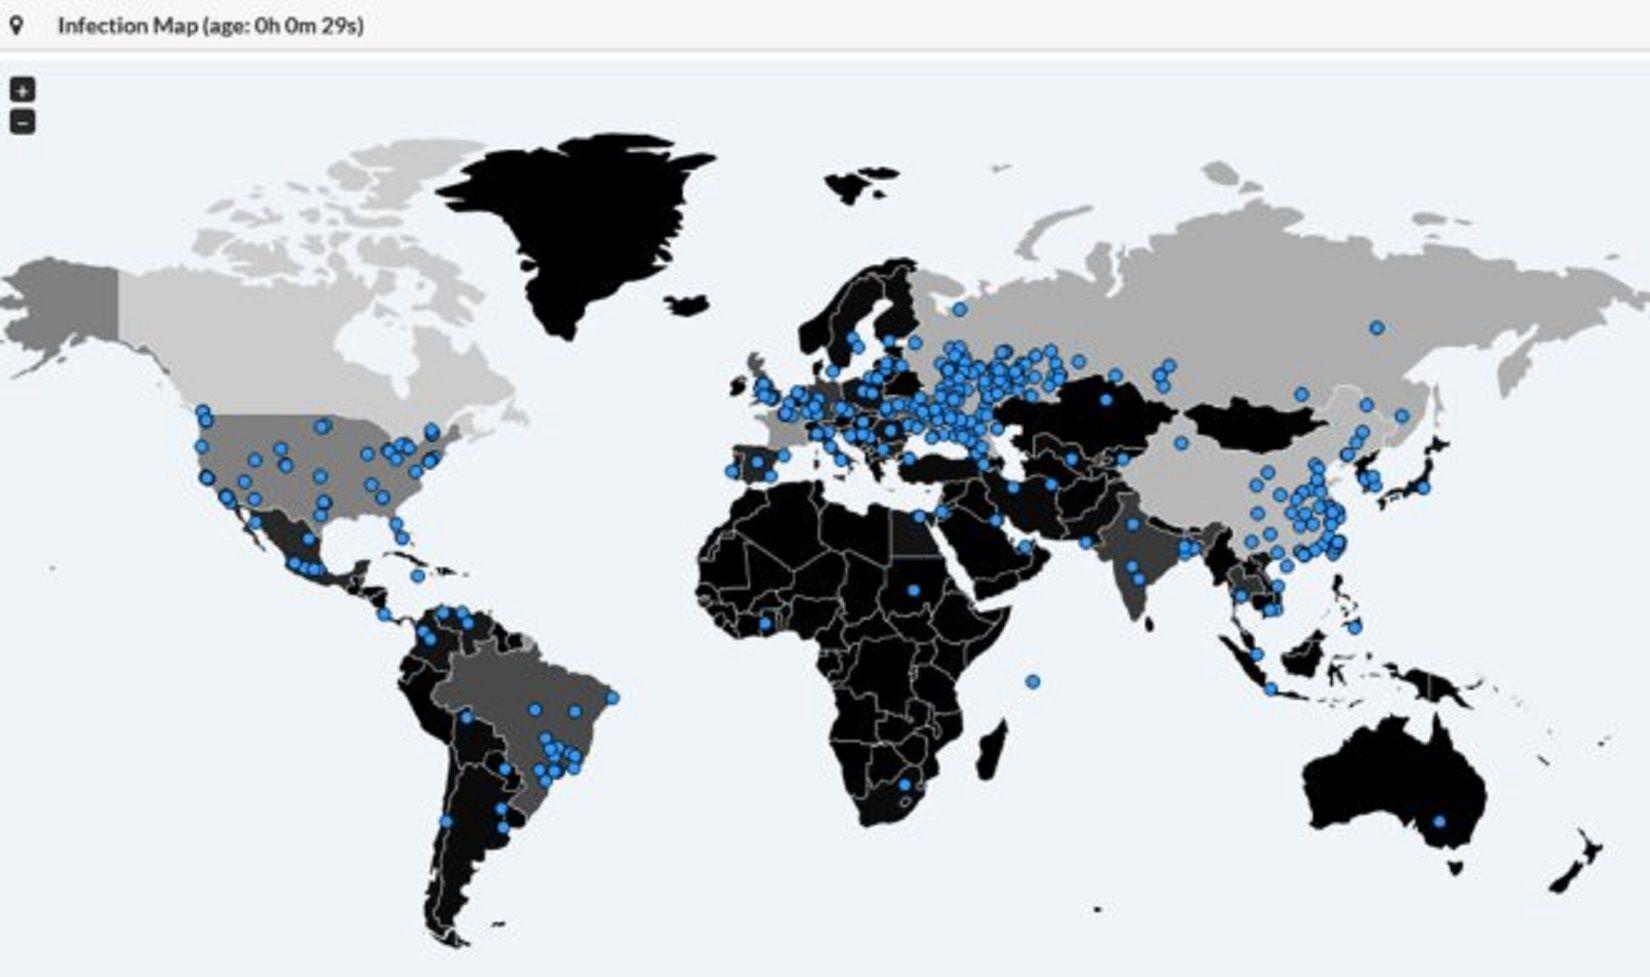 El ciberataque masivo afectó a instituciones estatales y privadas de todo el mundo